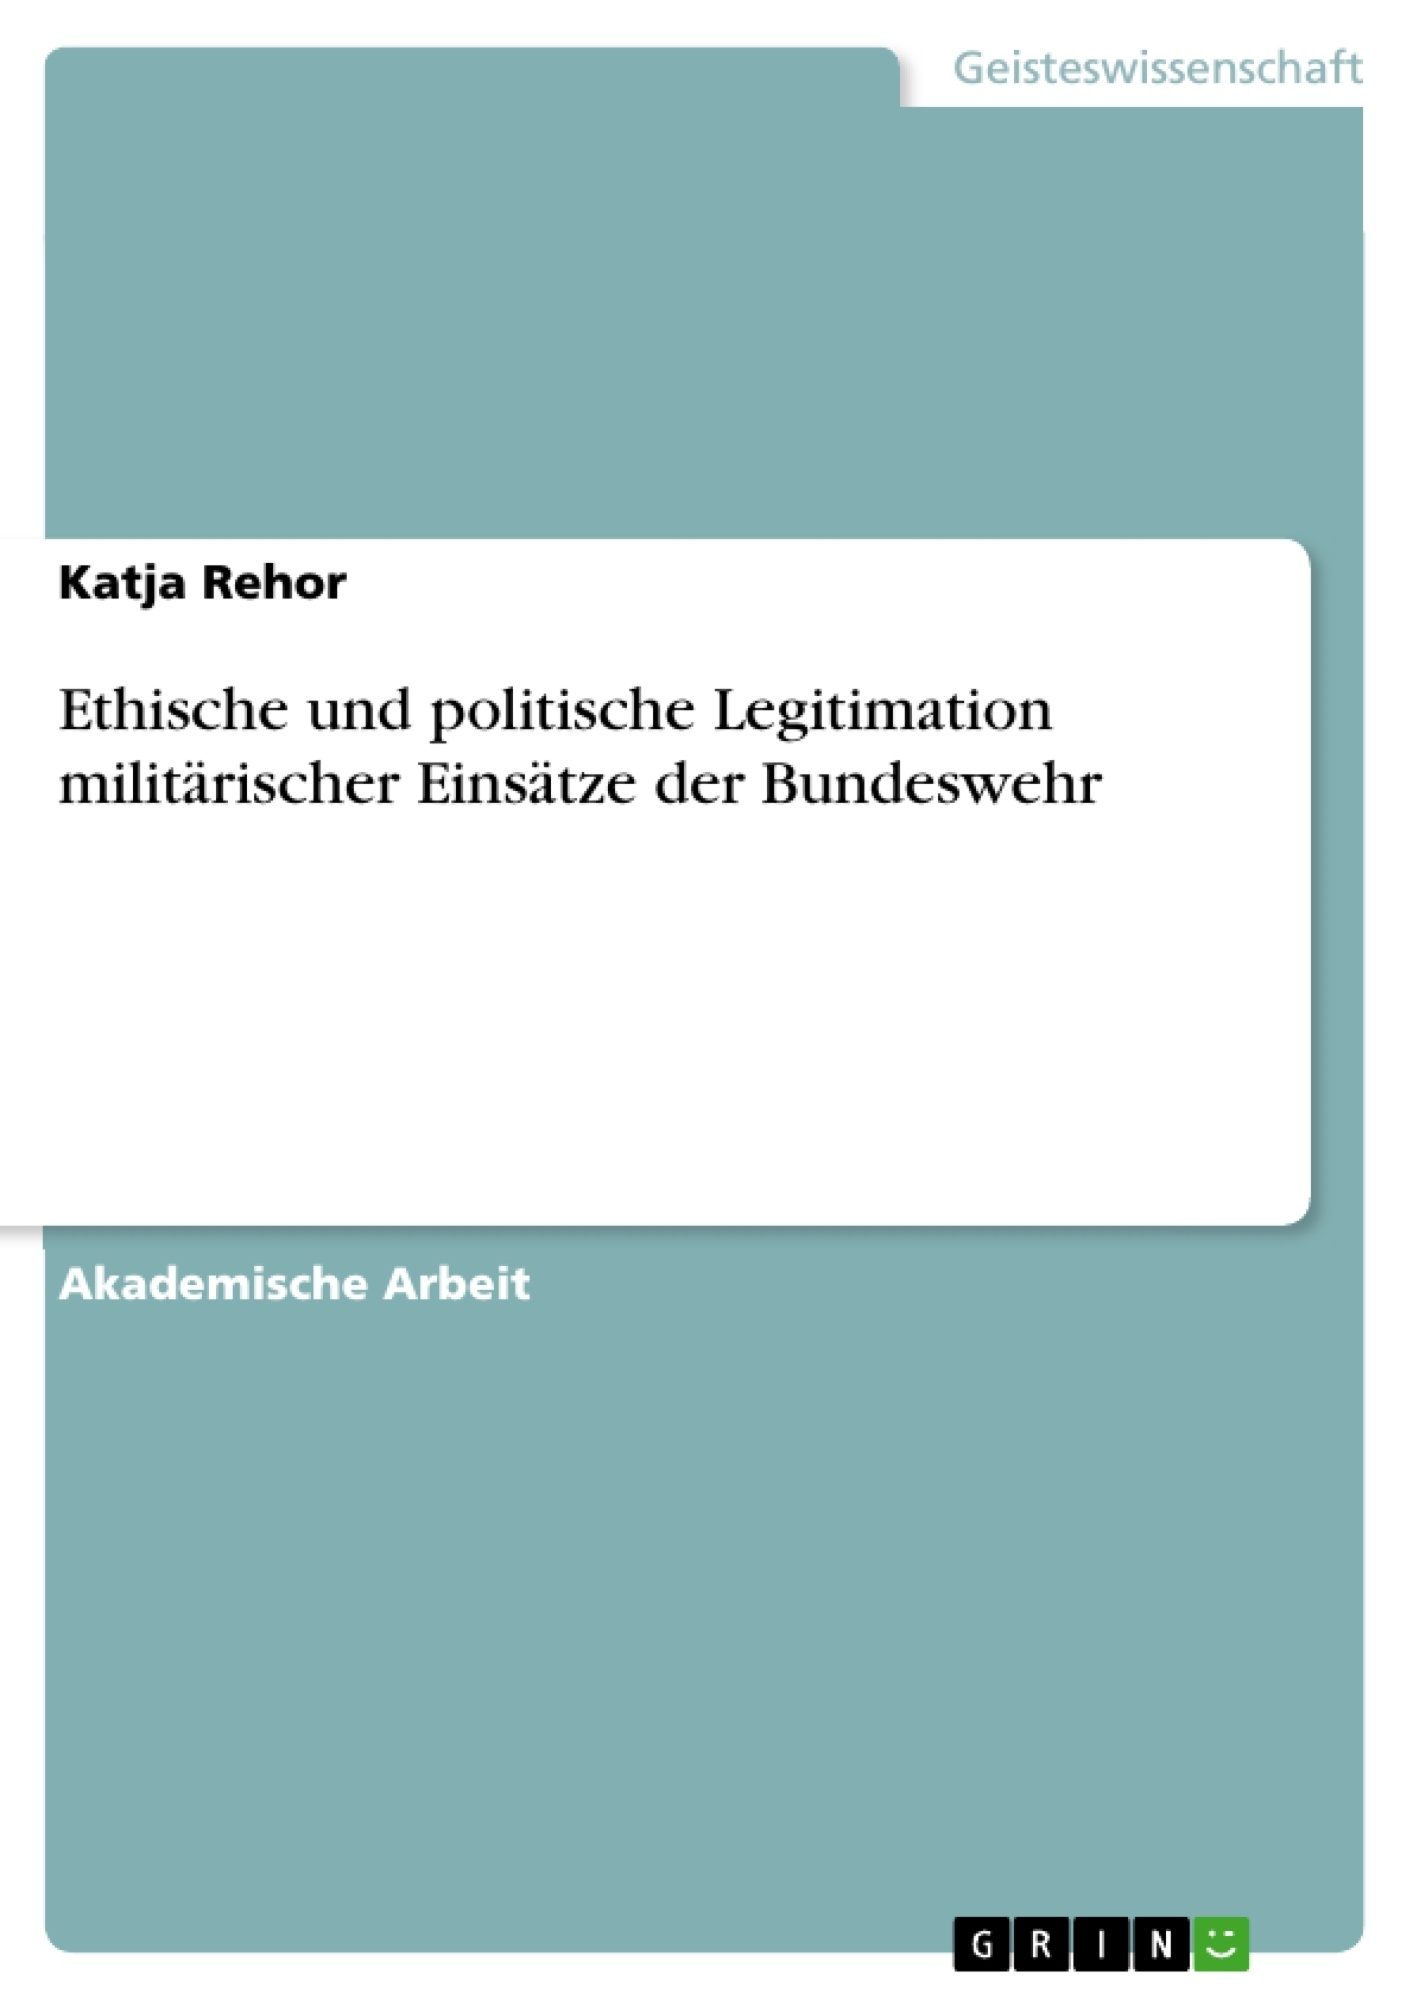 Titel: Ethische und politische Legitimation militärischer Einsätze der Bundeswehr